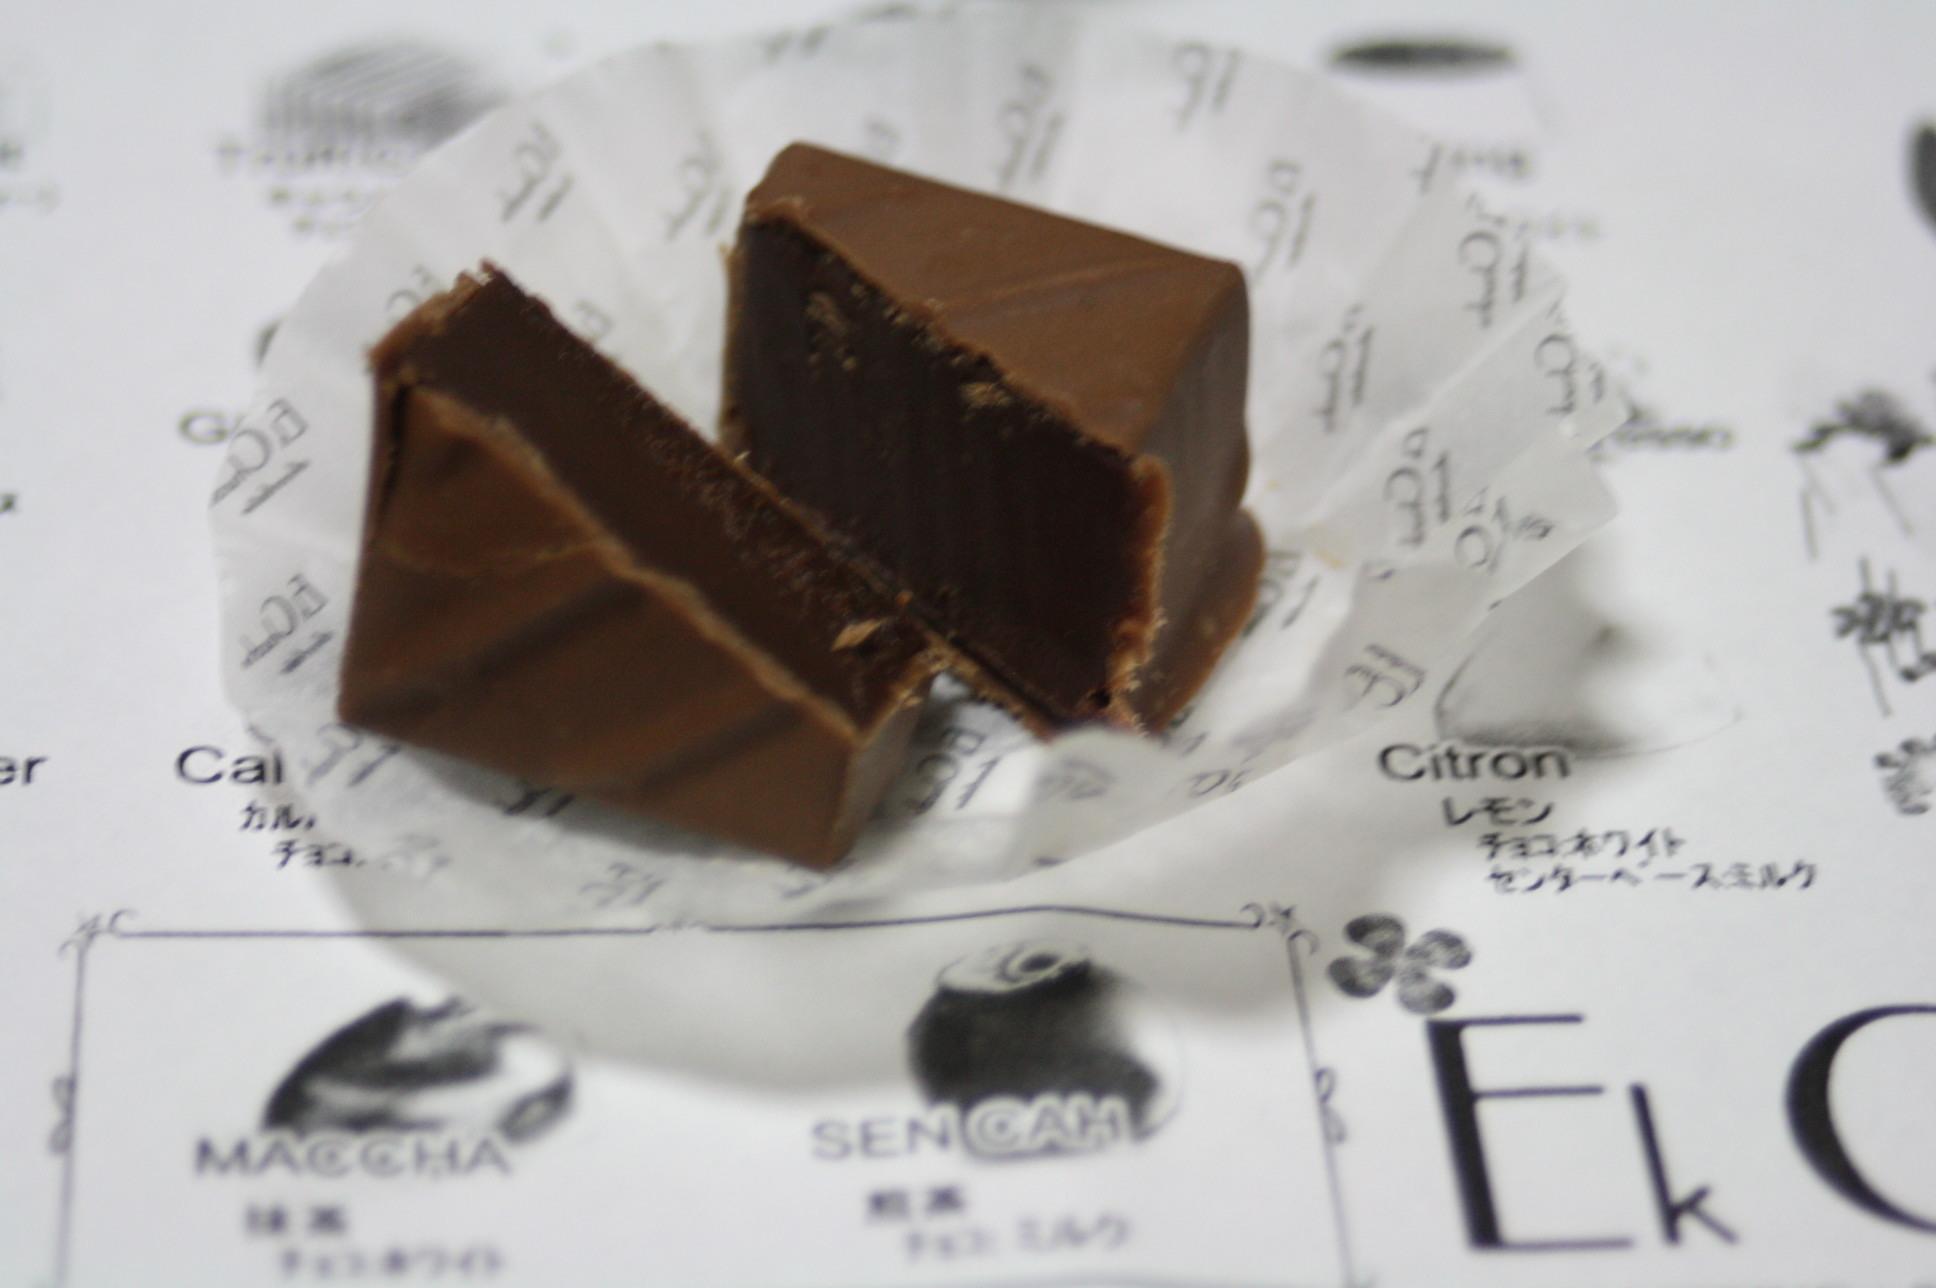 ショコラトリー エクチュア もりのみやキューズモールBASE店